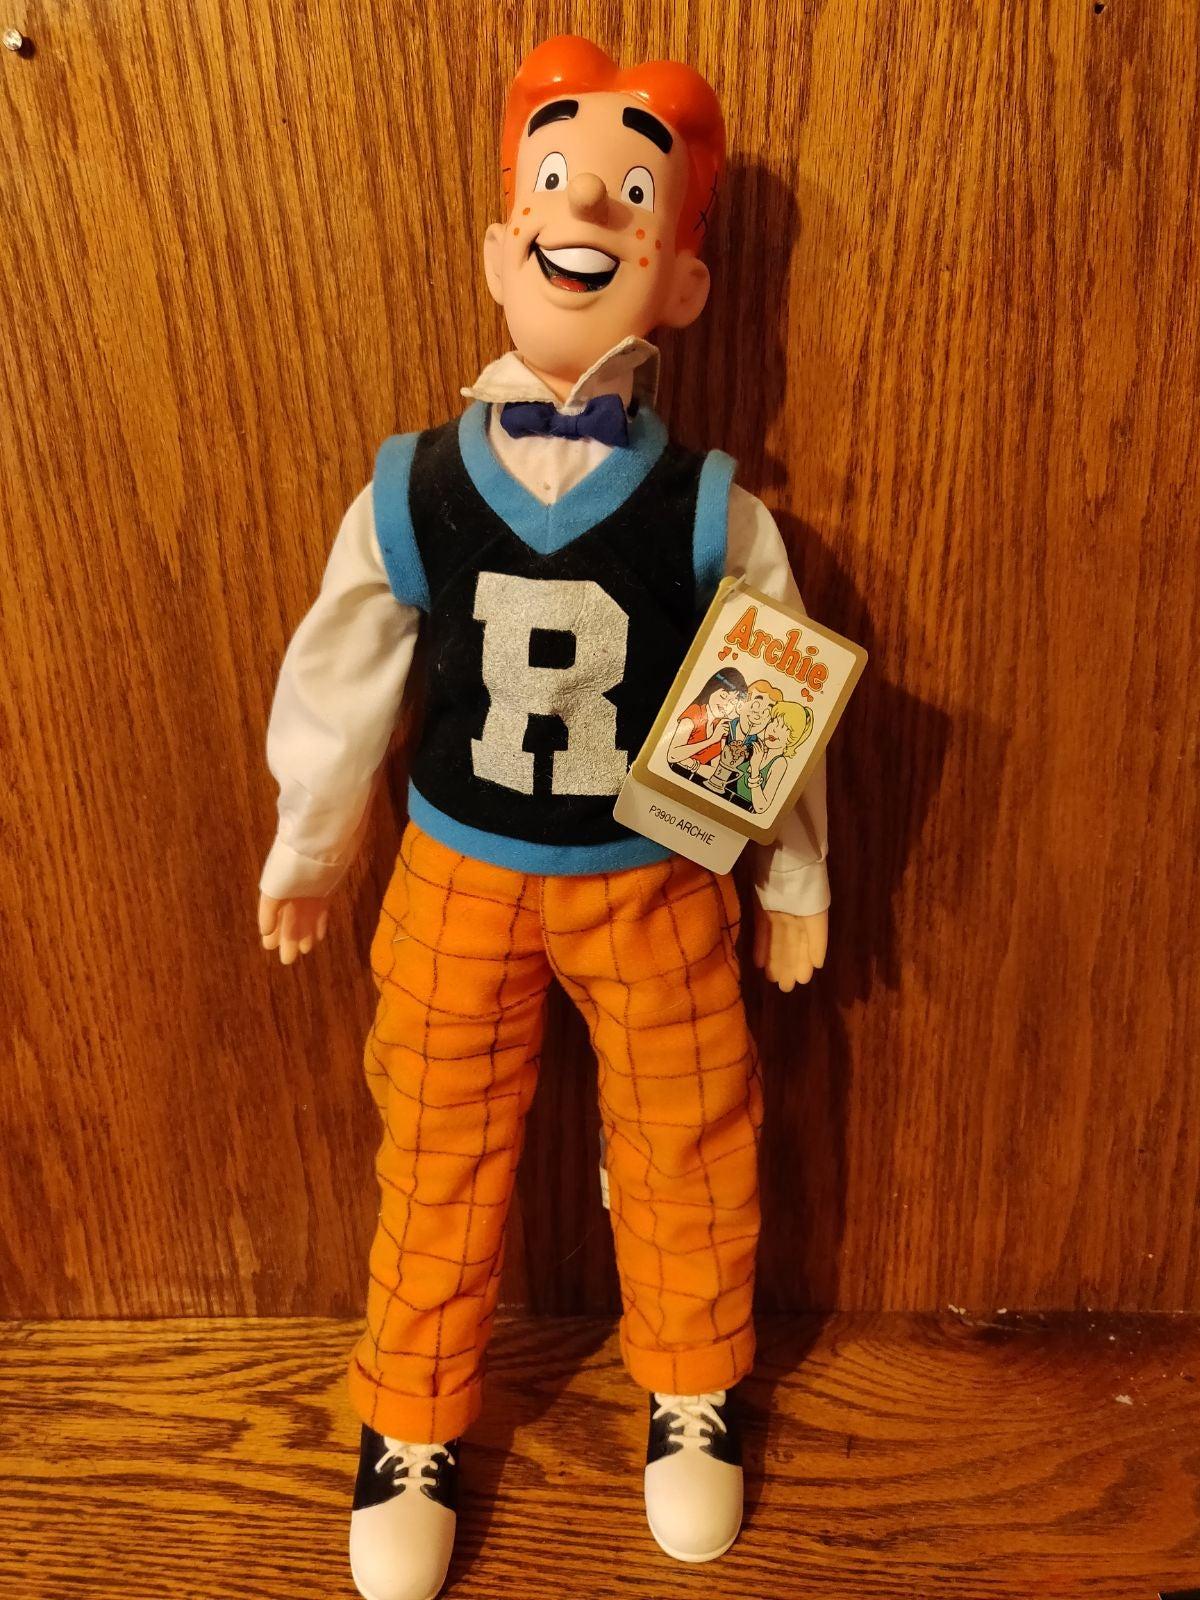 Archie Comics Archie Doll 1987